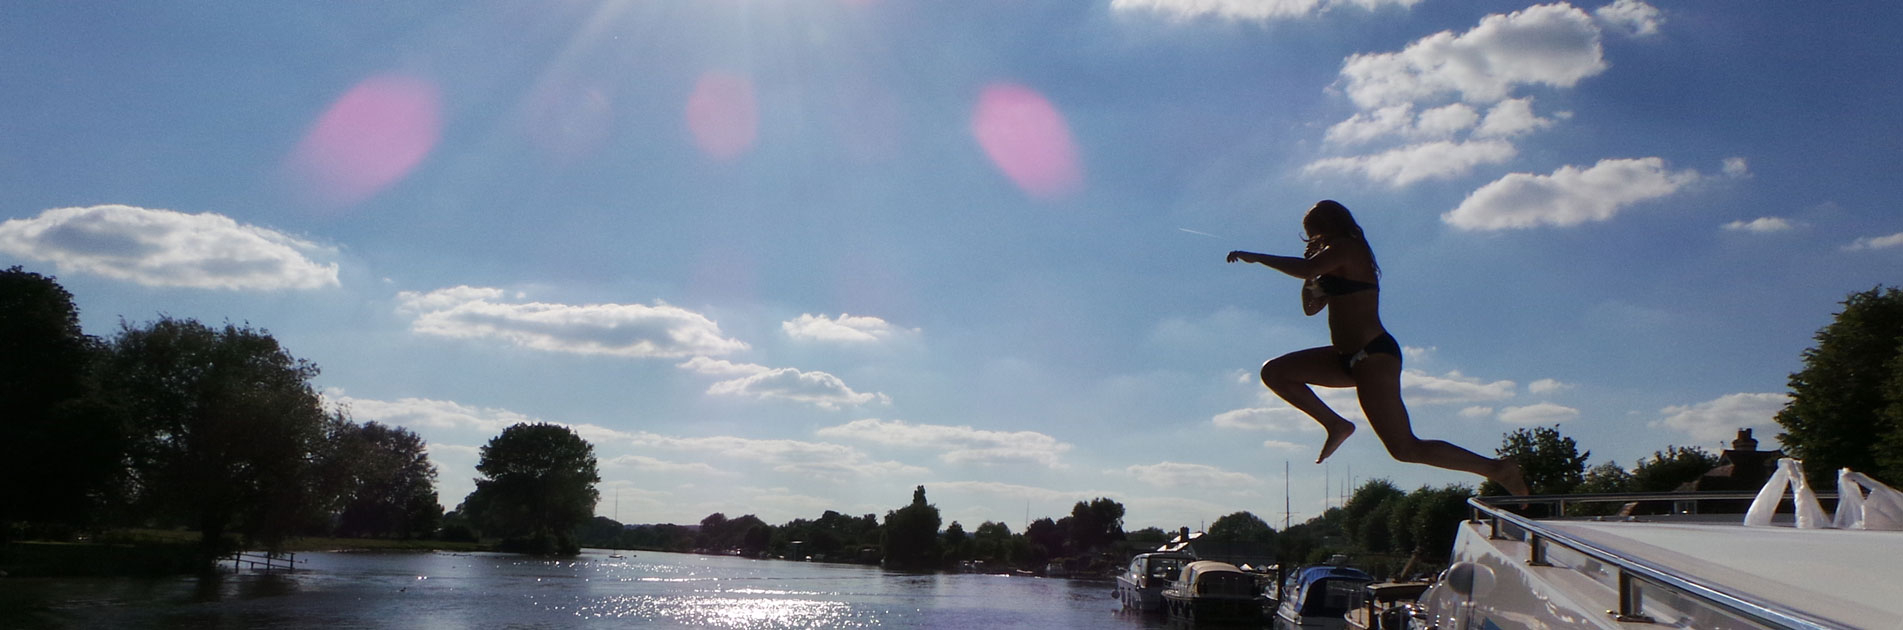 Svømmer hopper i vannet ved Bristol